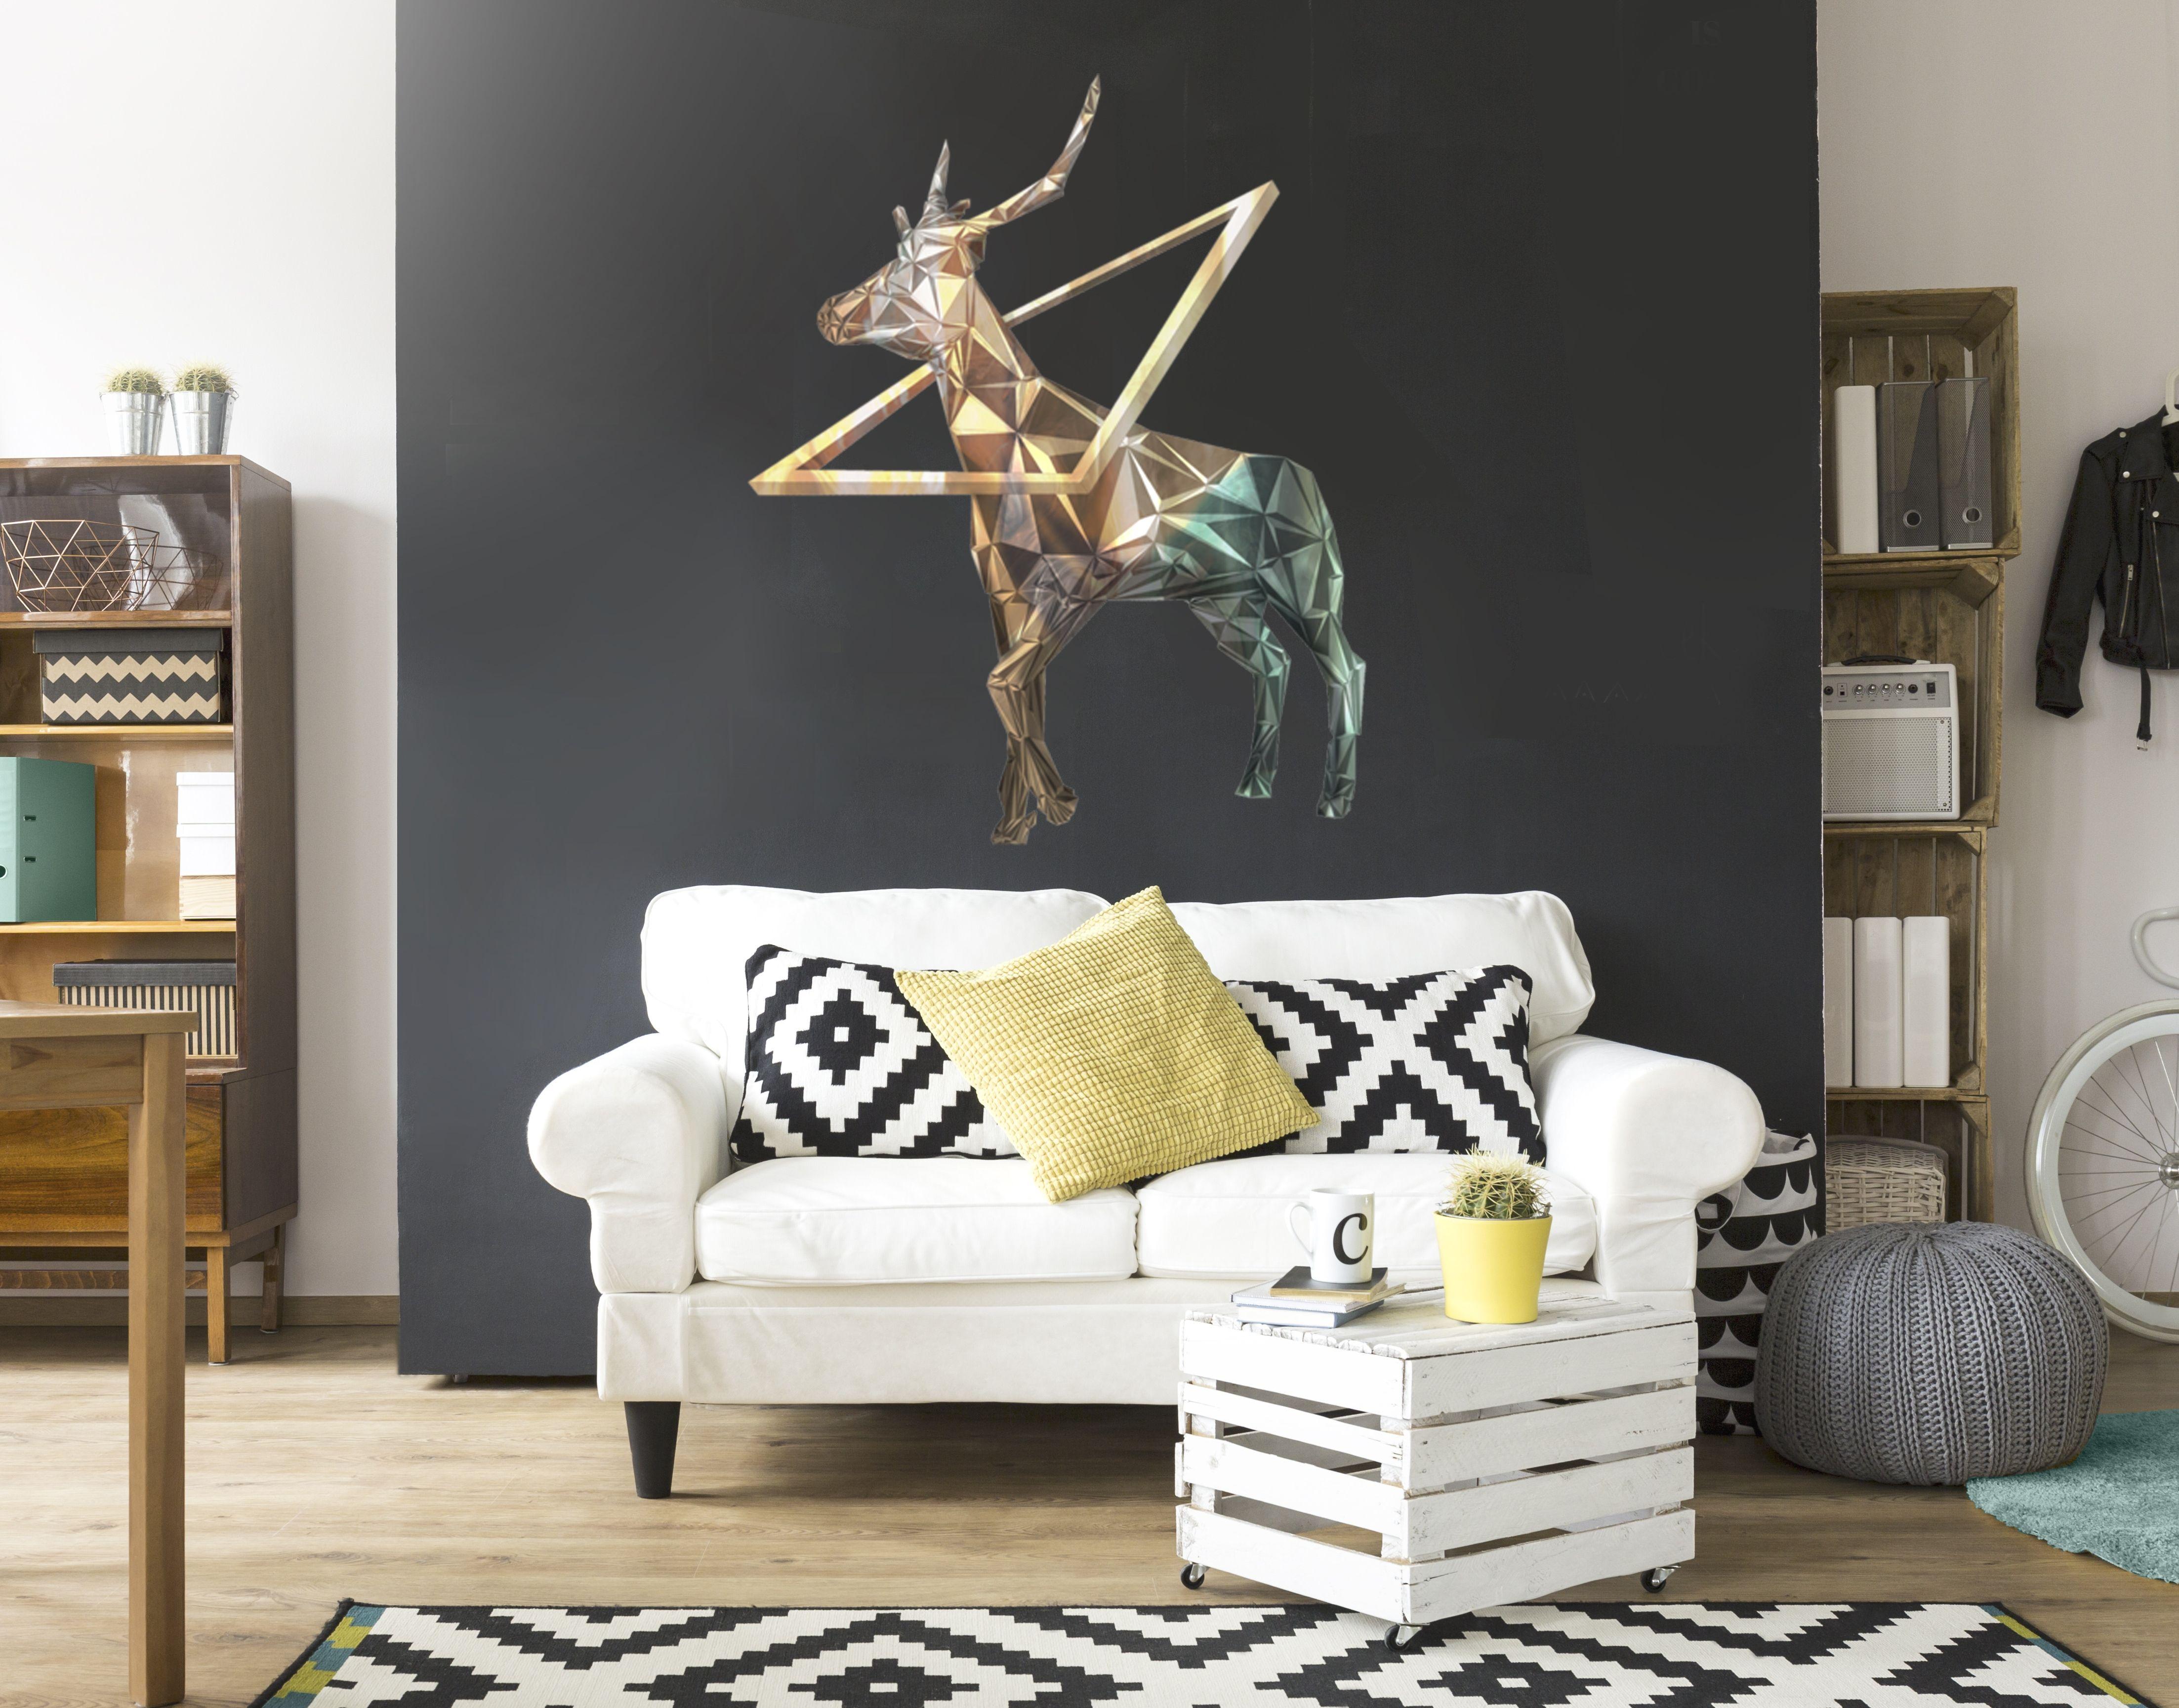 Wandbilder Fototapeten Wandtattoos Ihre Originelle Bimago Wanddekoration Haus Deko Wandtattoos Dekor